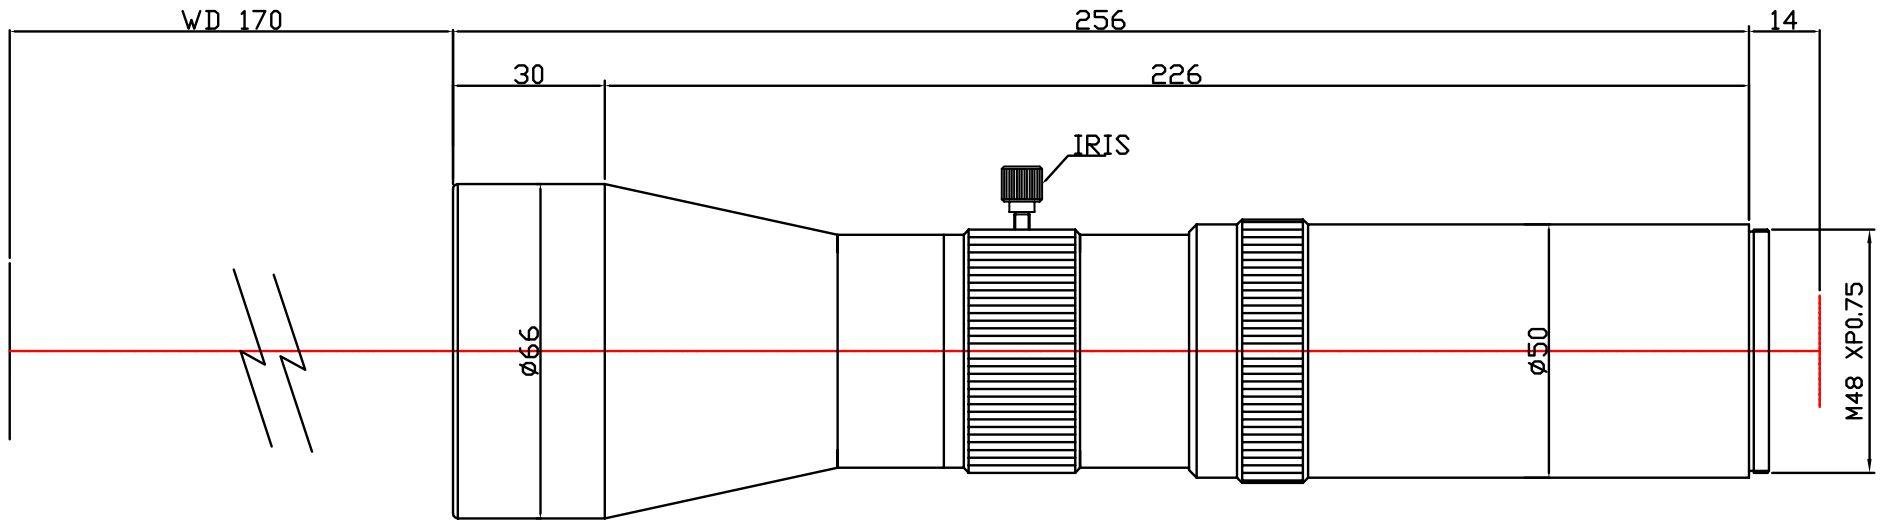 T25M-092-170I